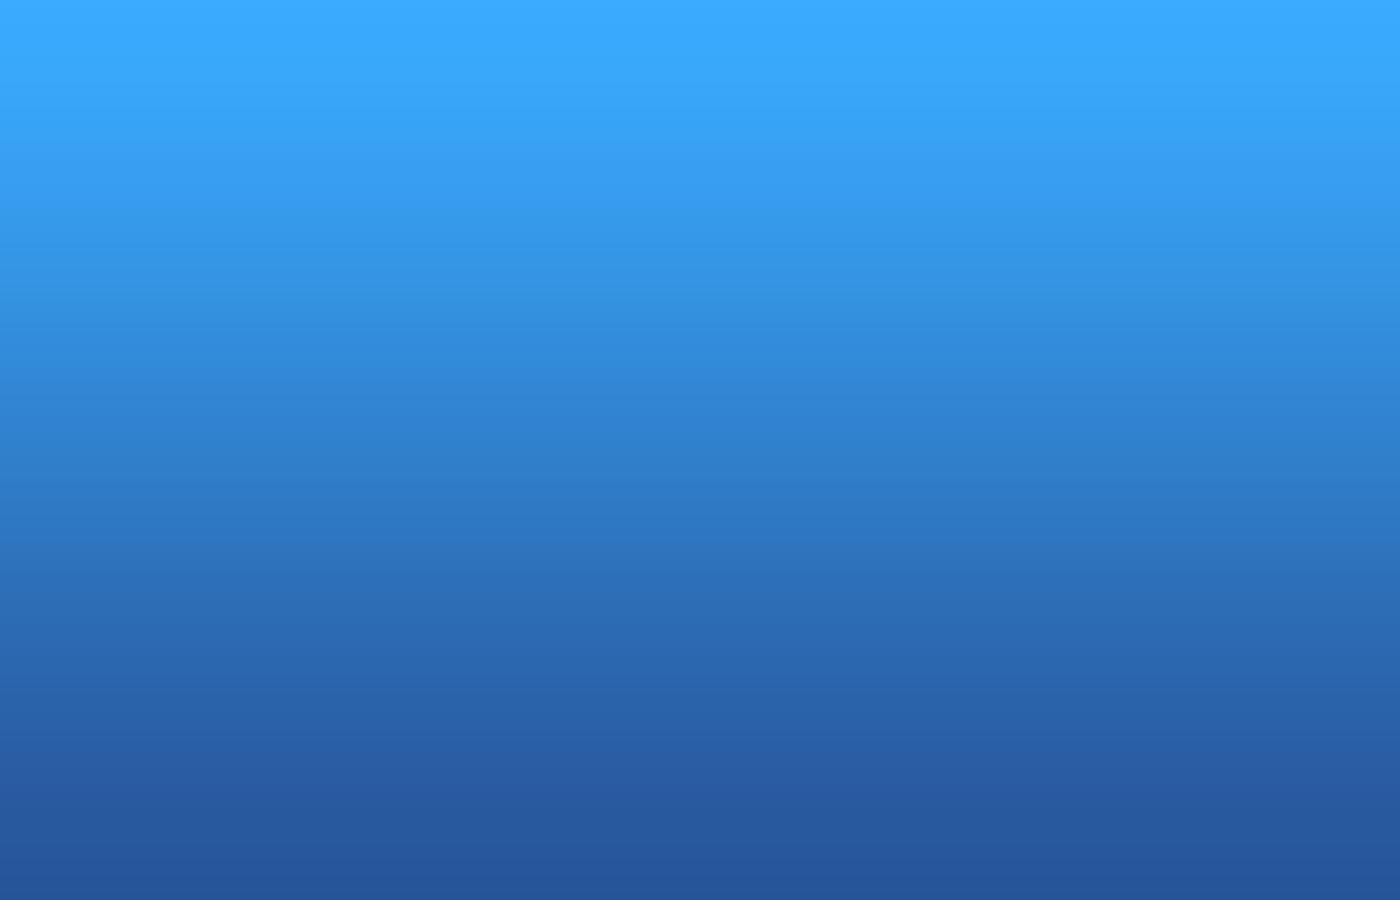 QLI4V2 Pantone Color Of The Year 2014